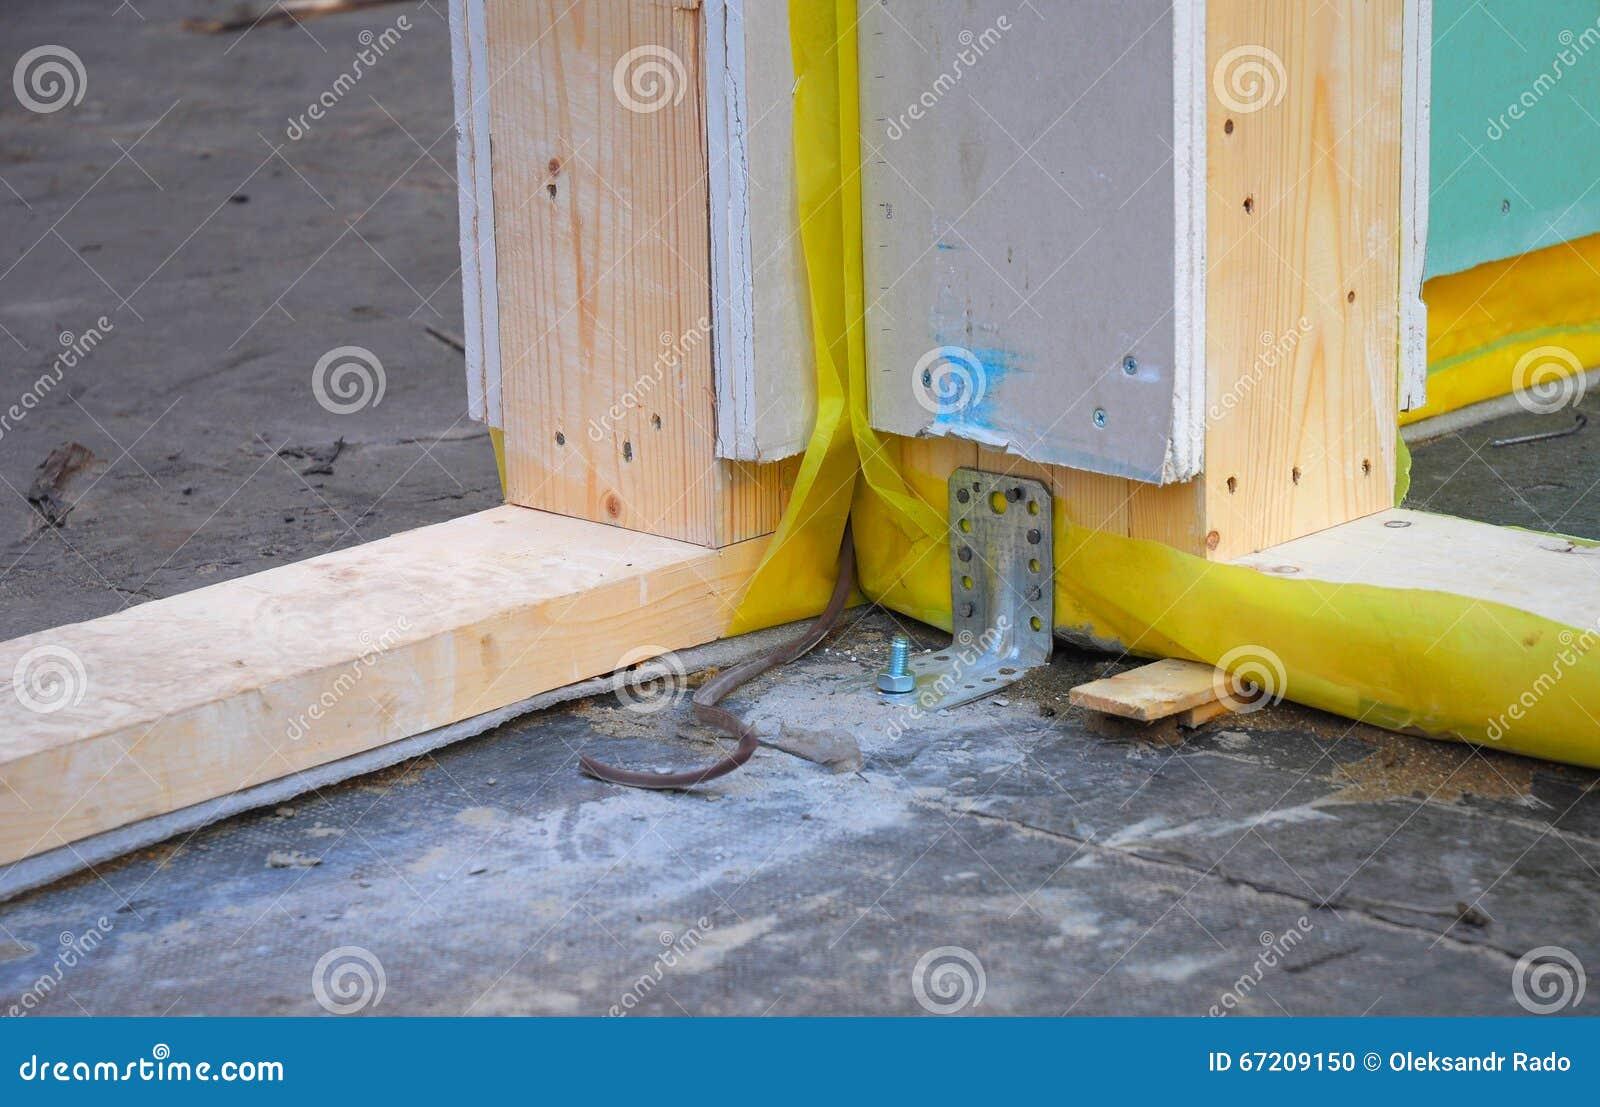 Floor Joists Stock Image Cartoondealer Com 3517129